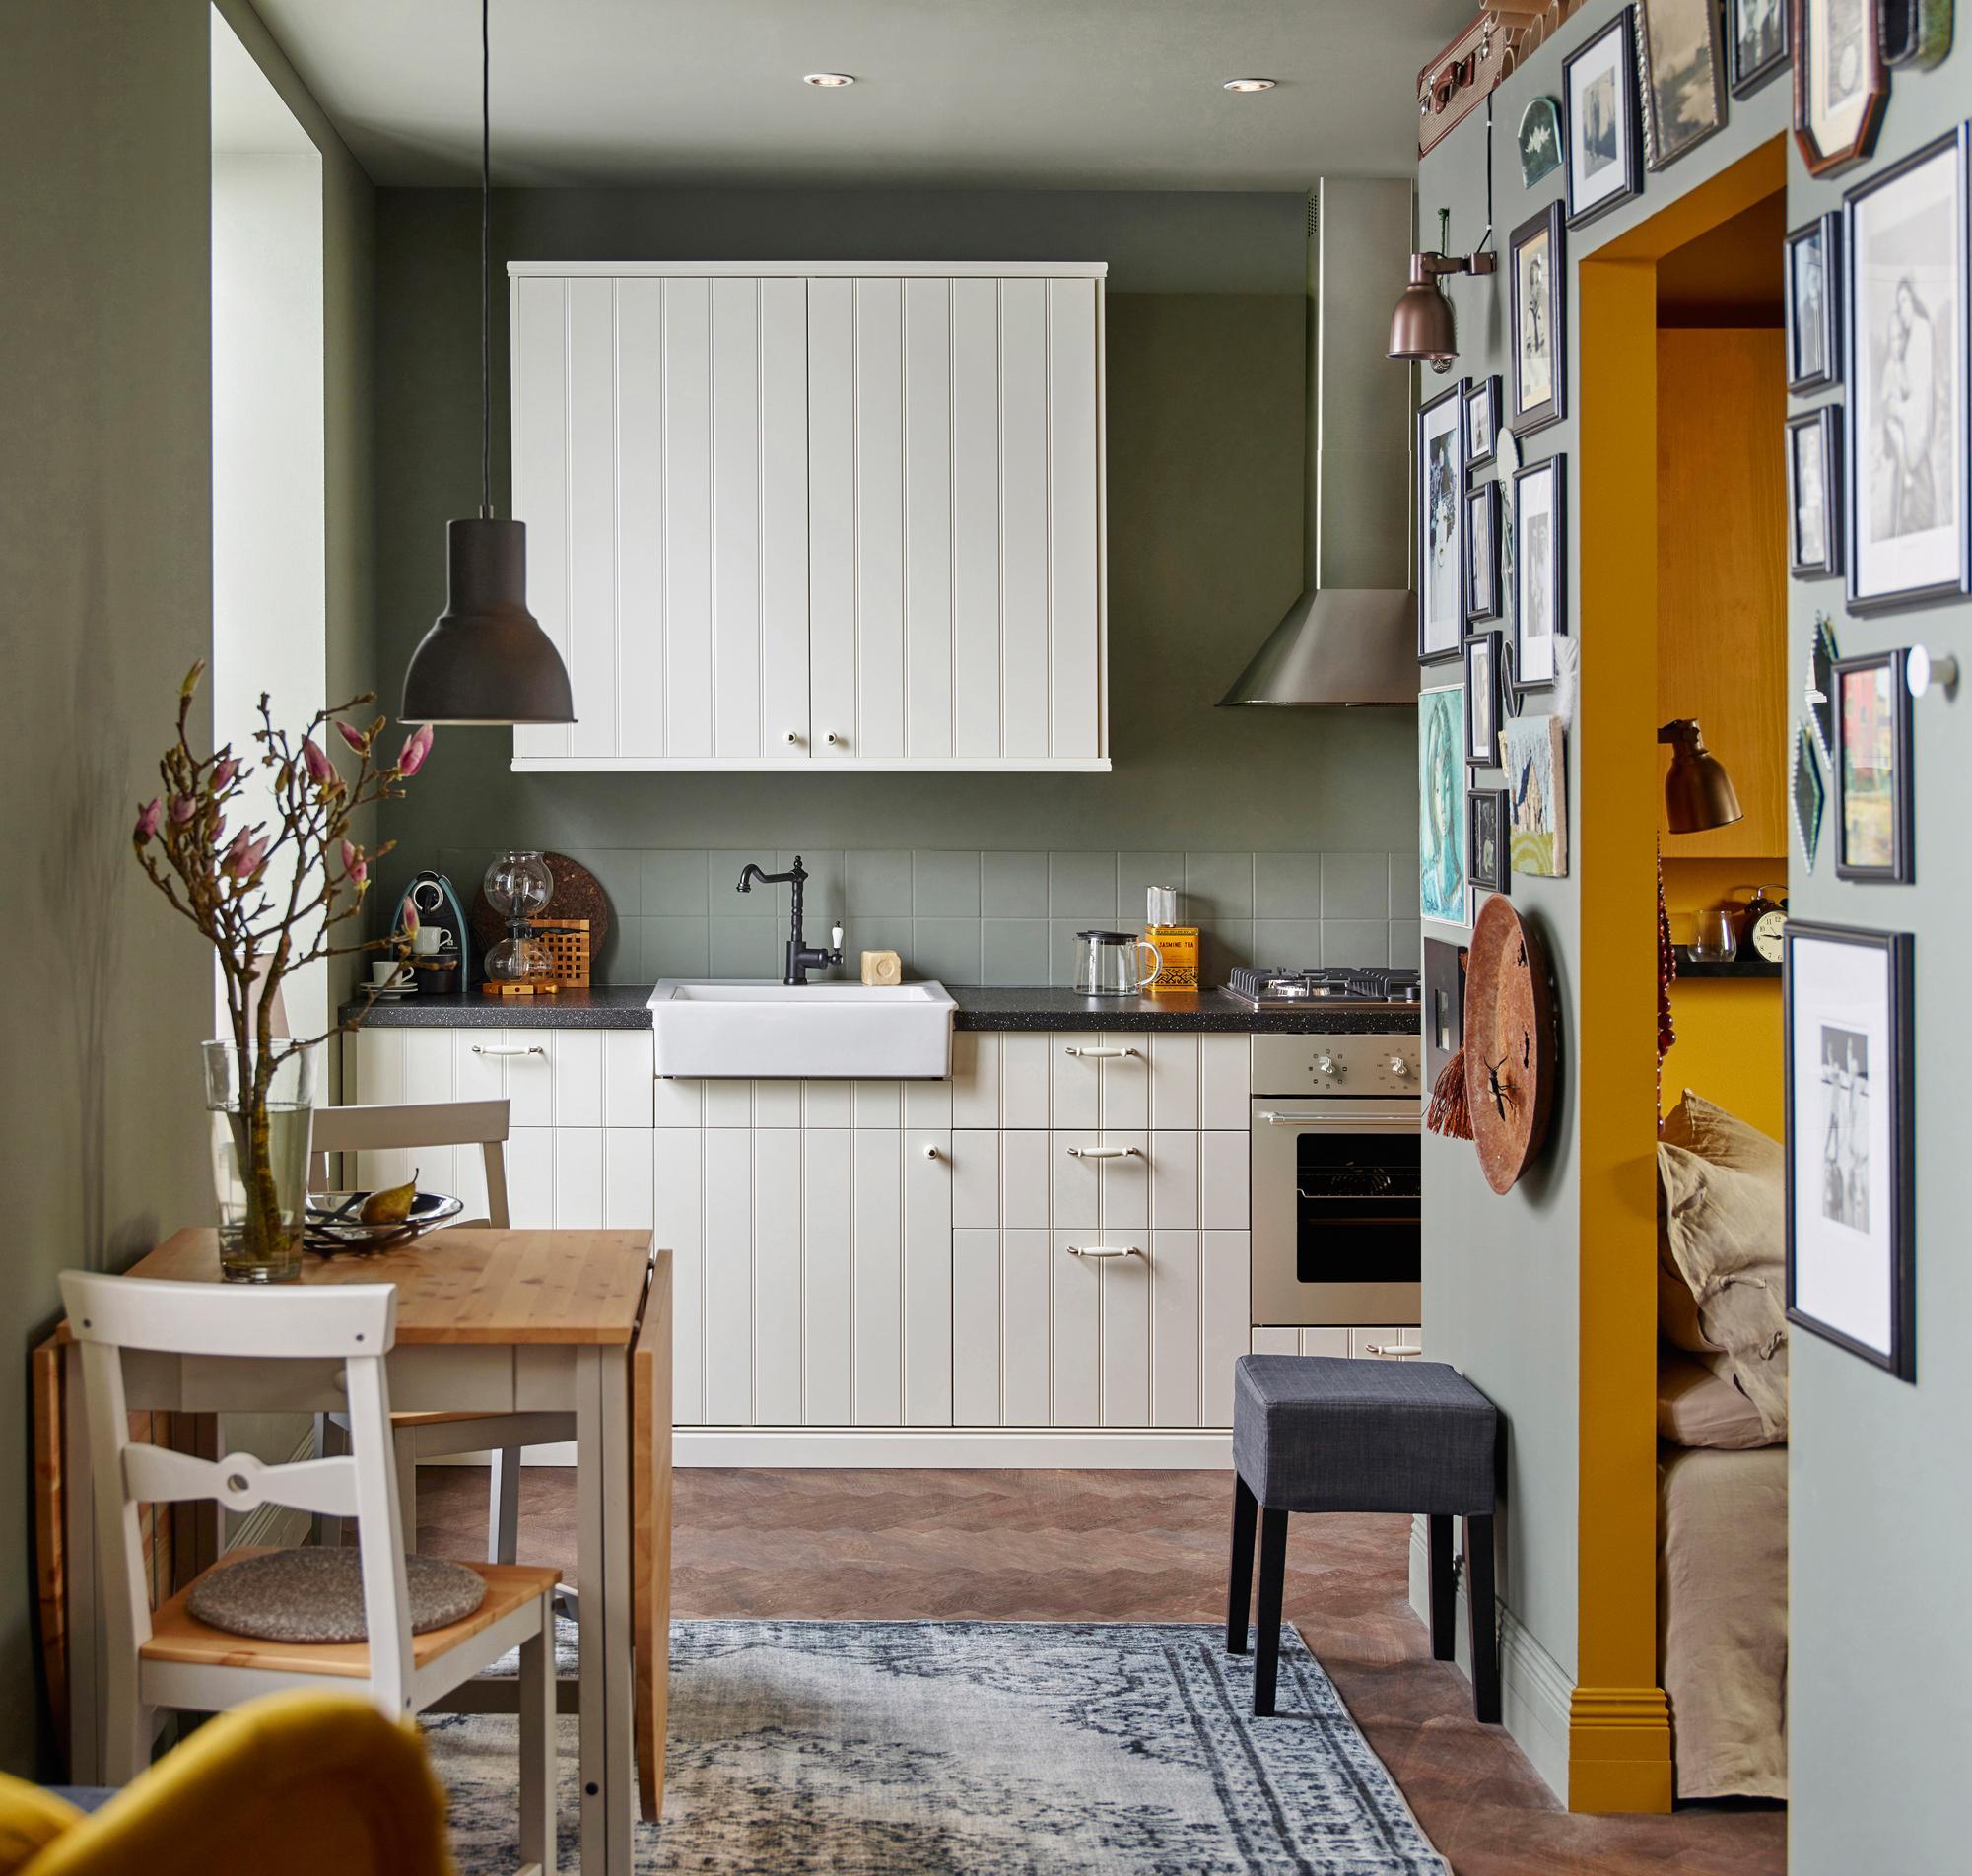 Beautiful Kleiner Küchentisch Mit Schublade Images - Milbank.us ...